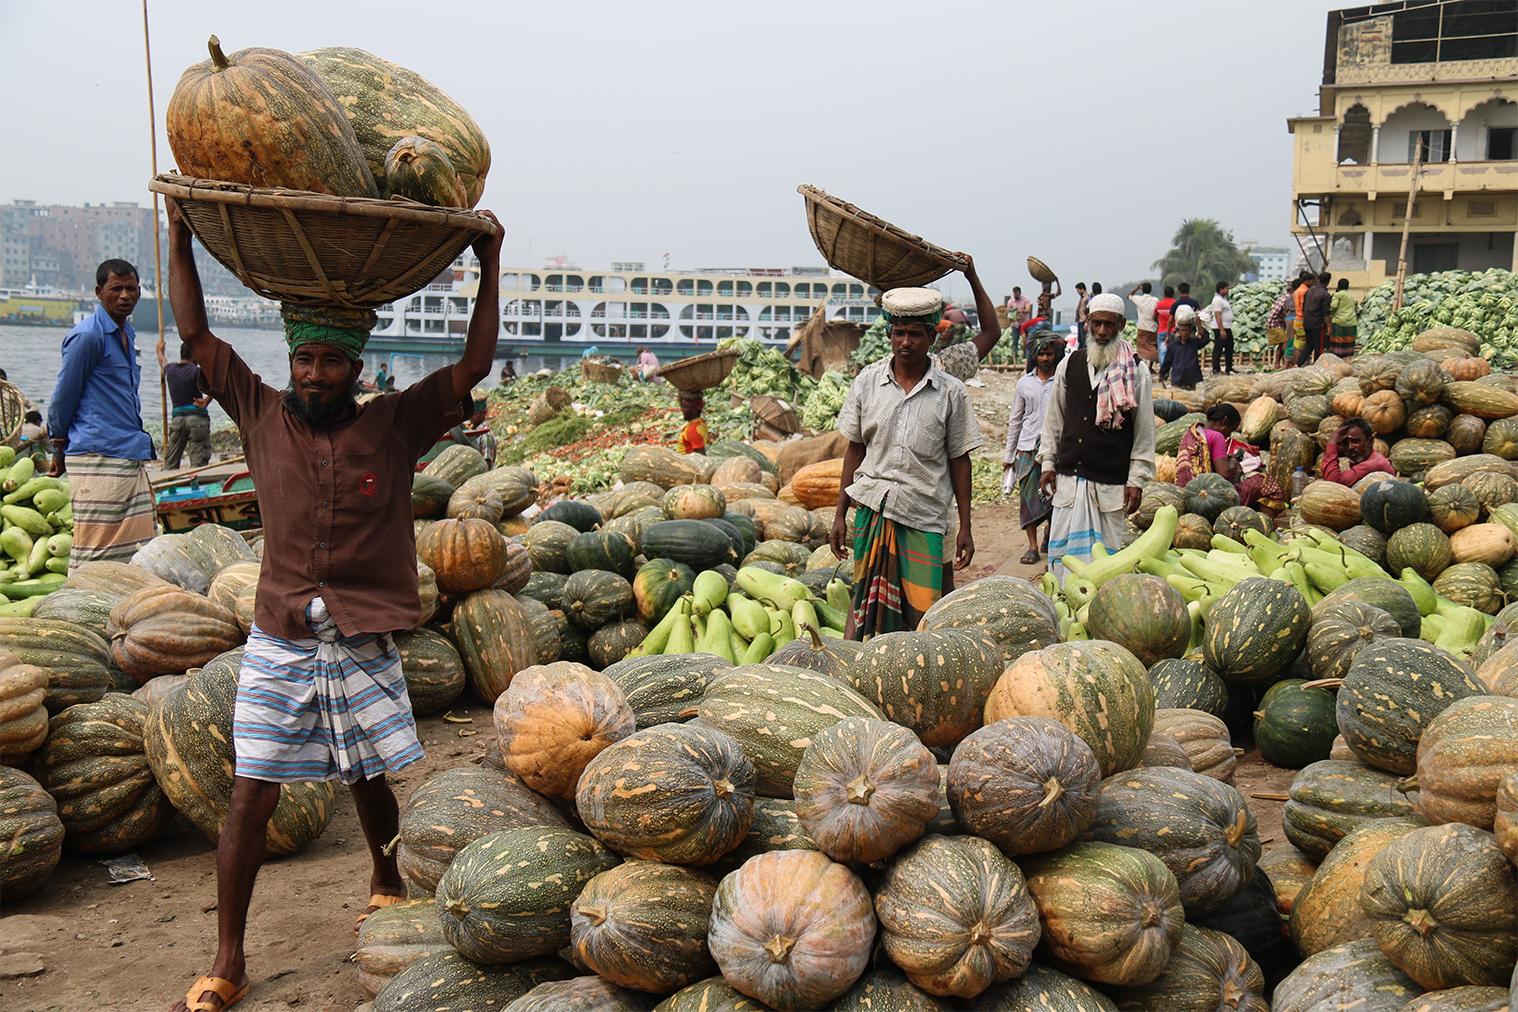 Vykladanie ovocia a zeleniny z lodí